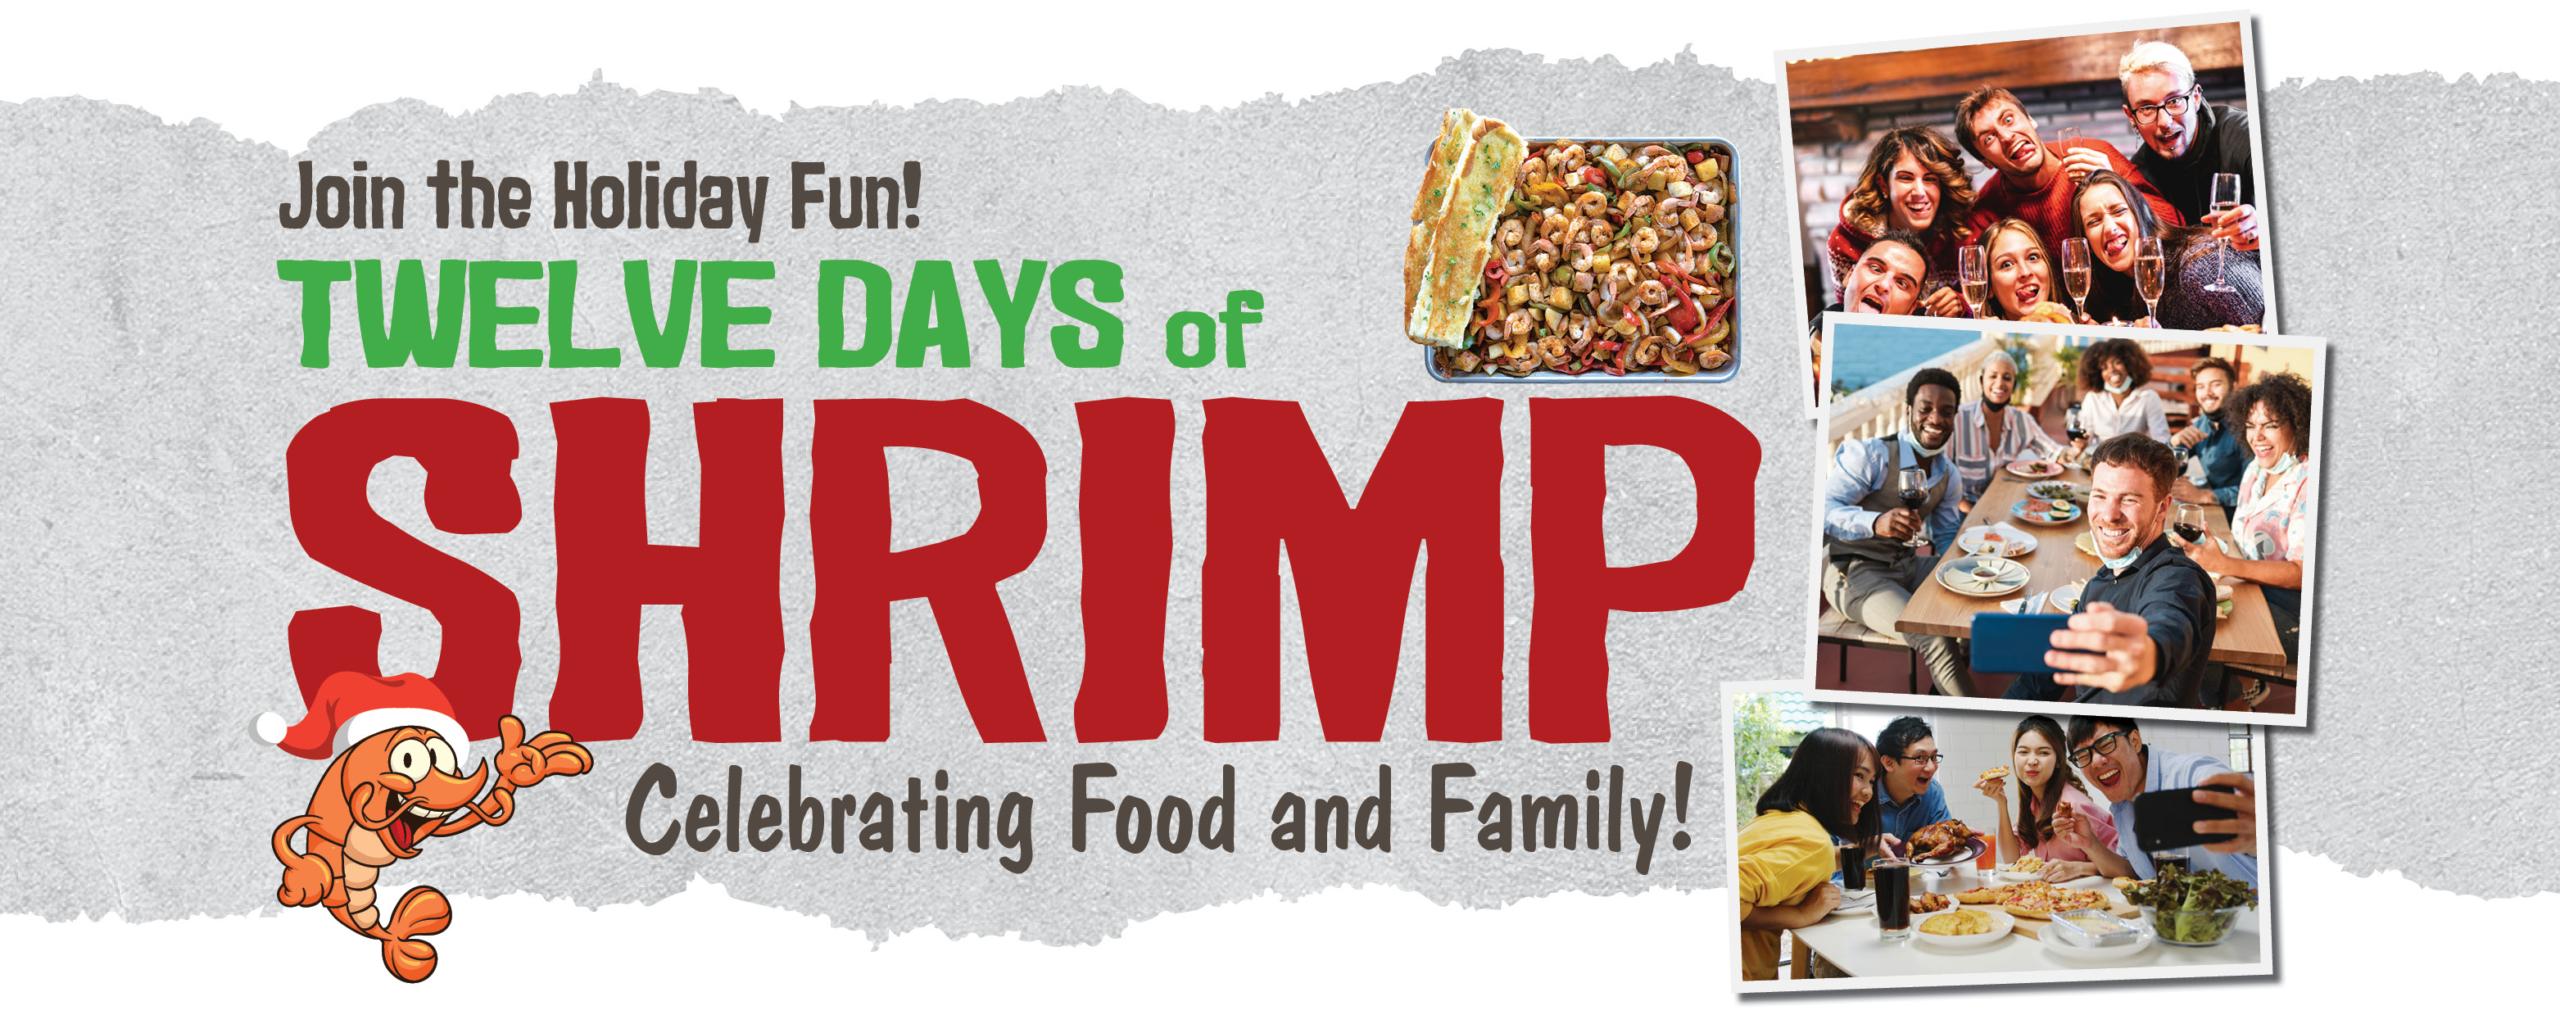 12 Days of Shrimp Photo Contest